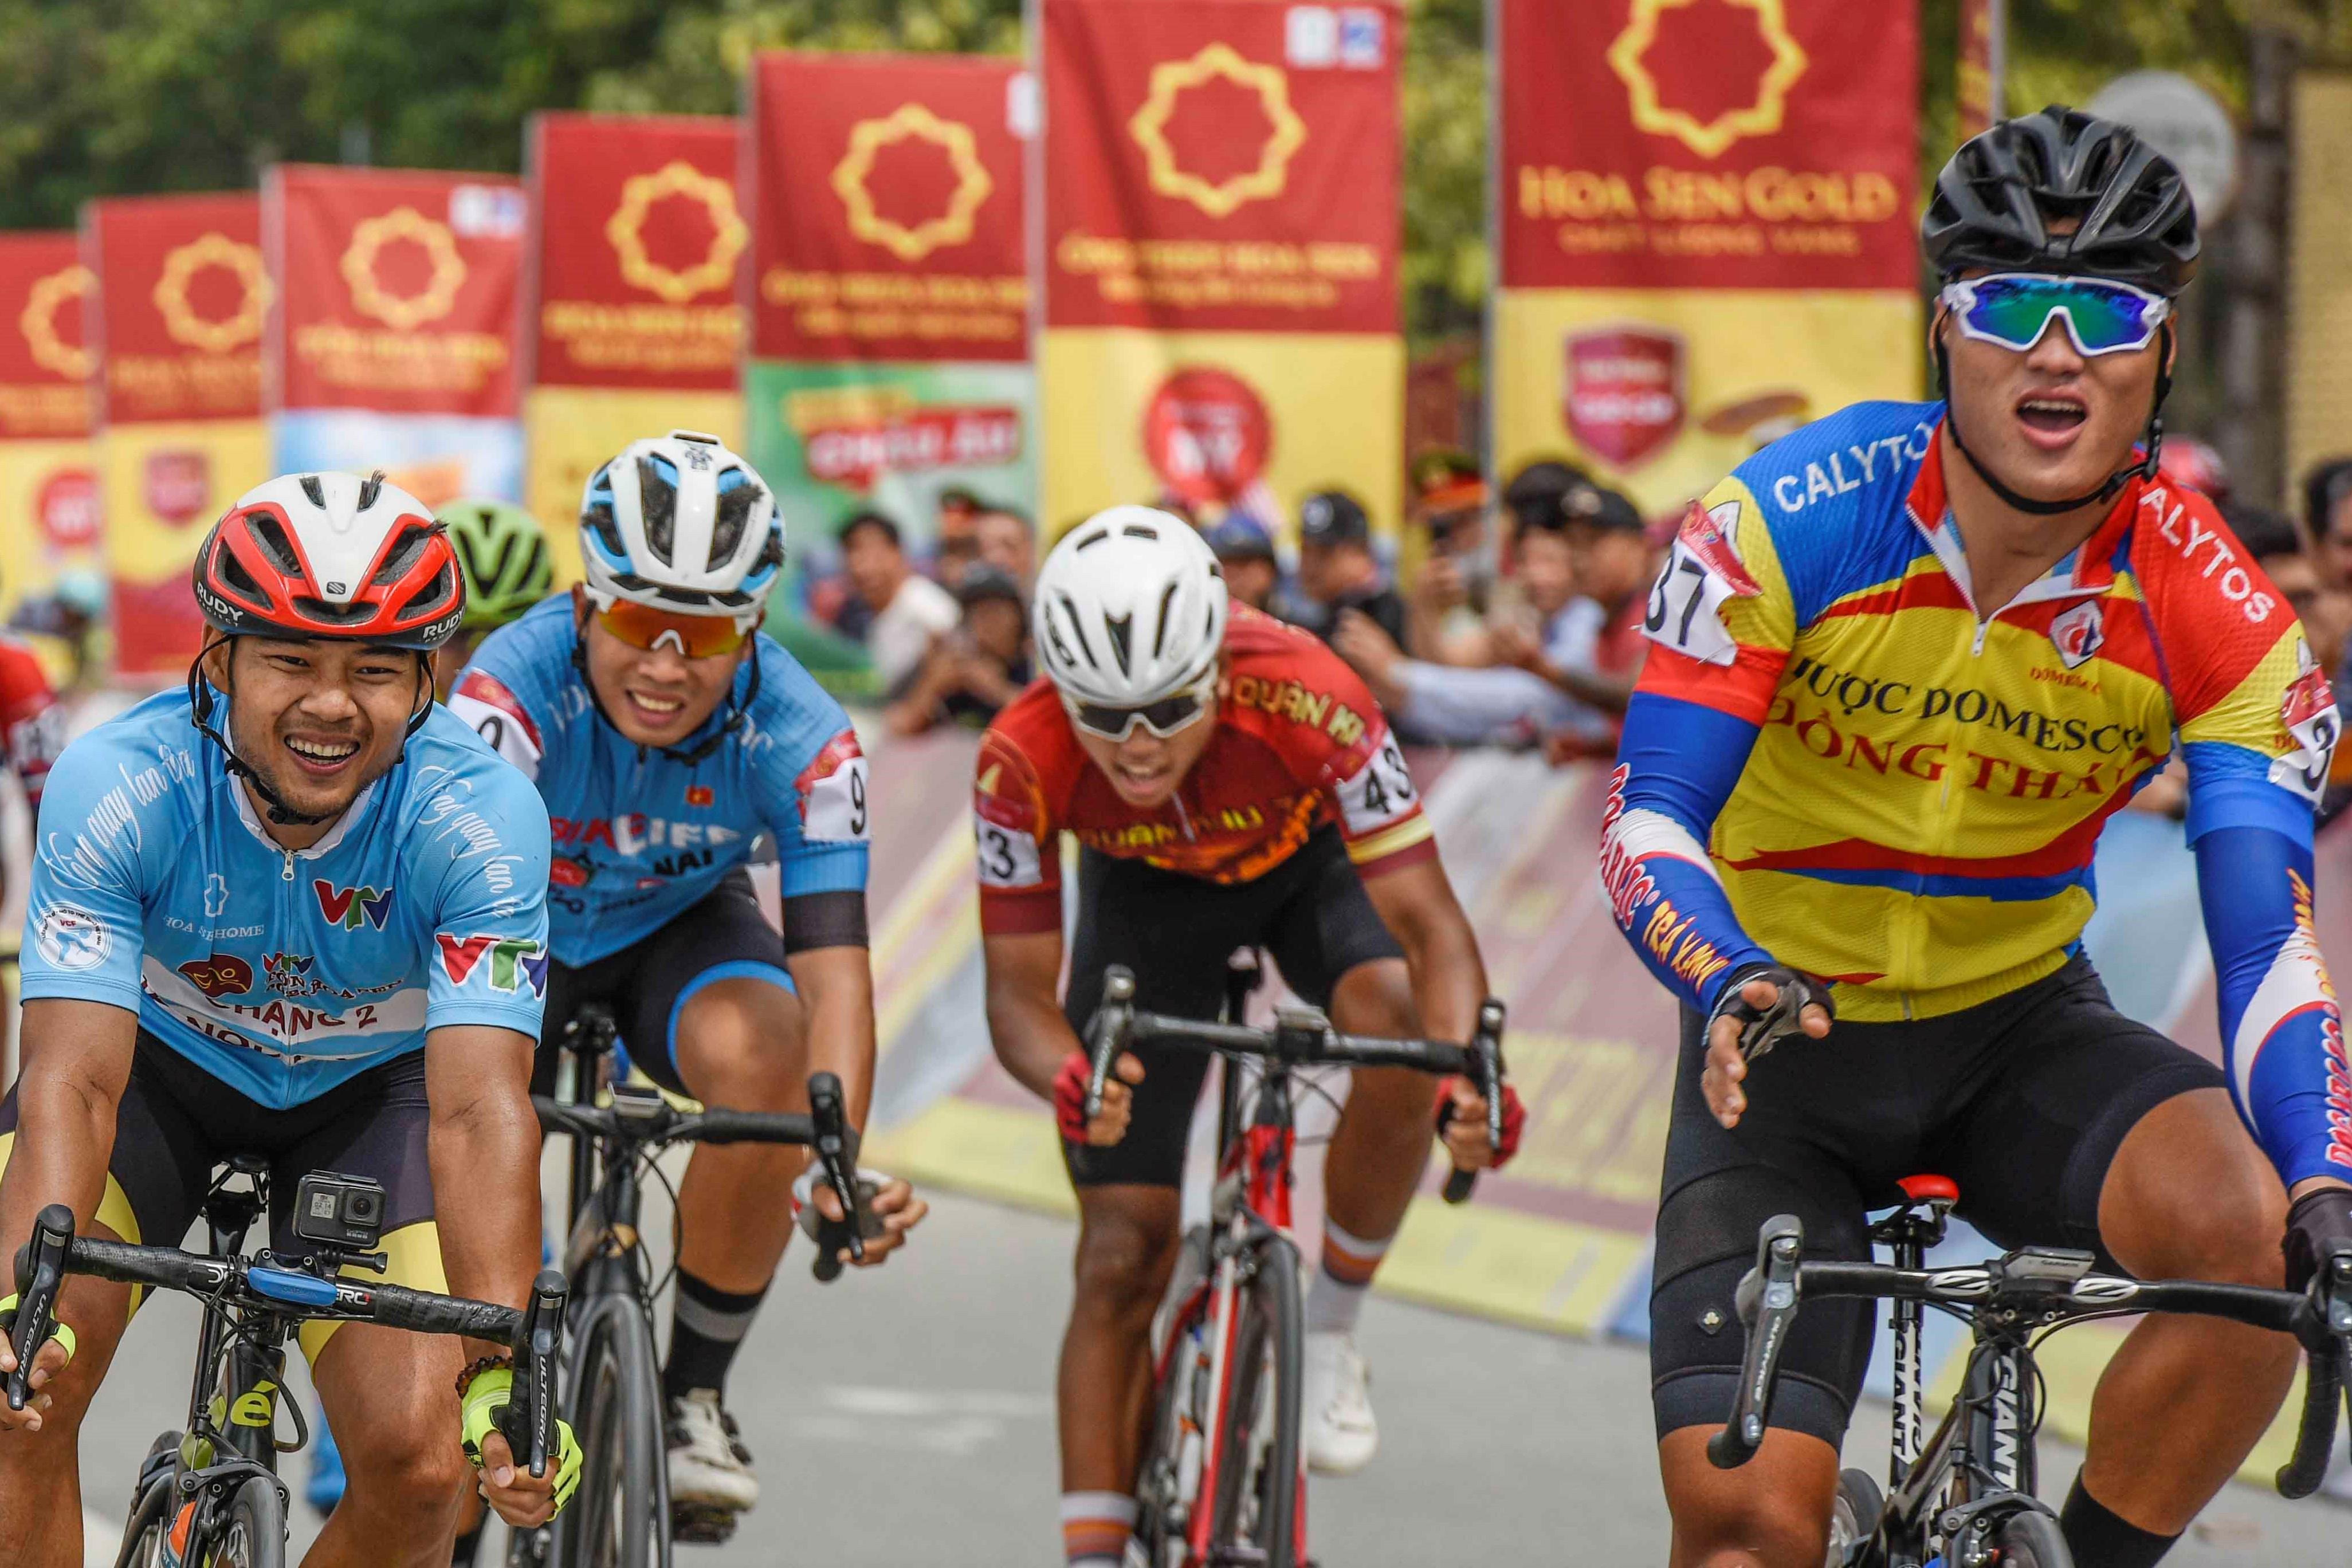 Ganh đua tại chặng 4 giải xe đạp VTV Cup 2020